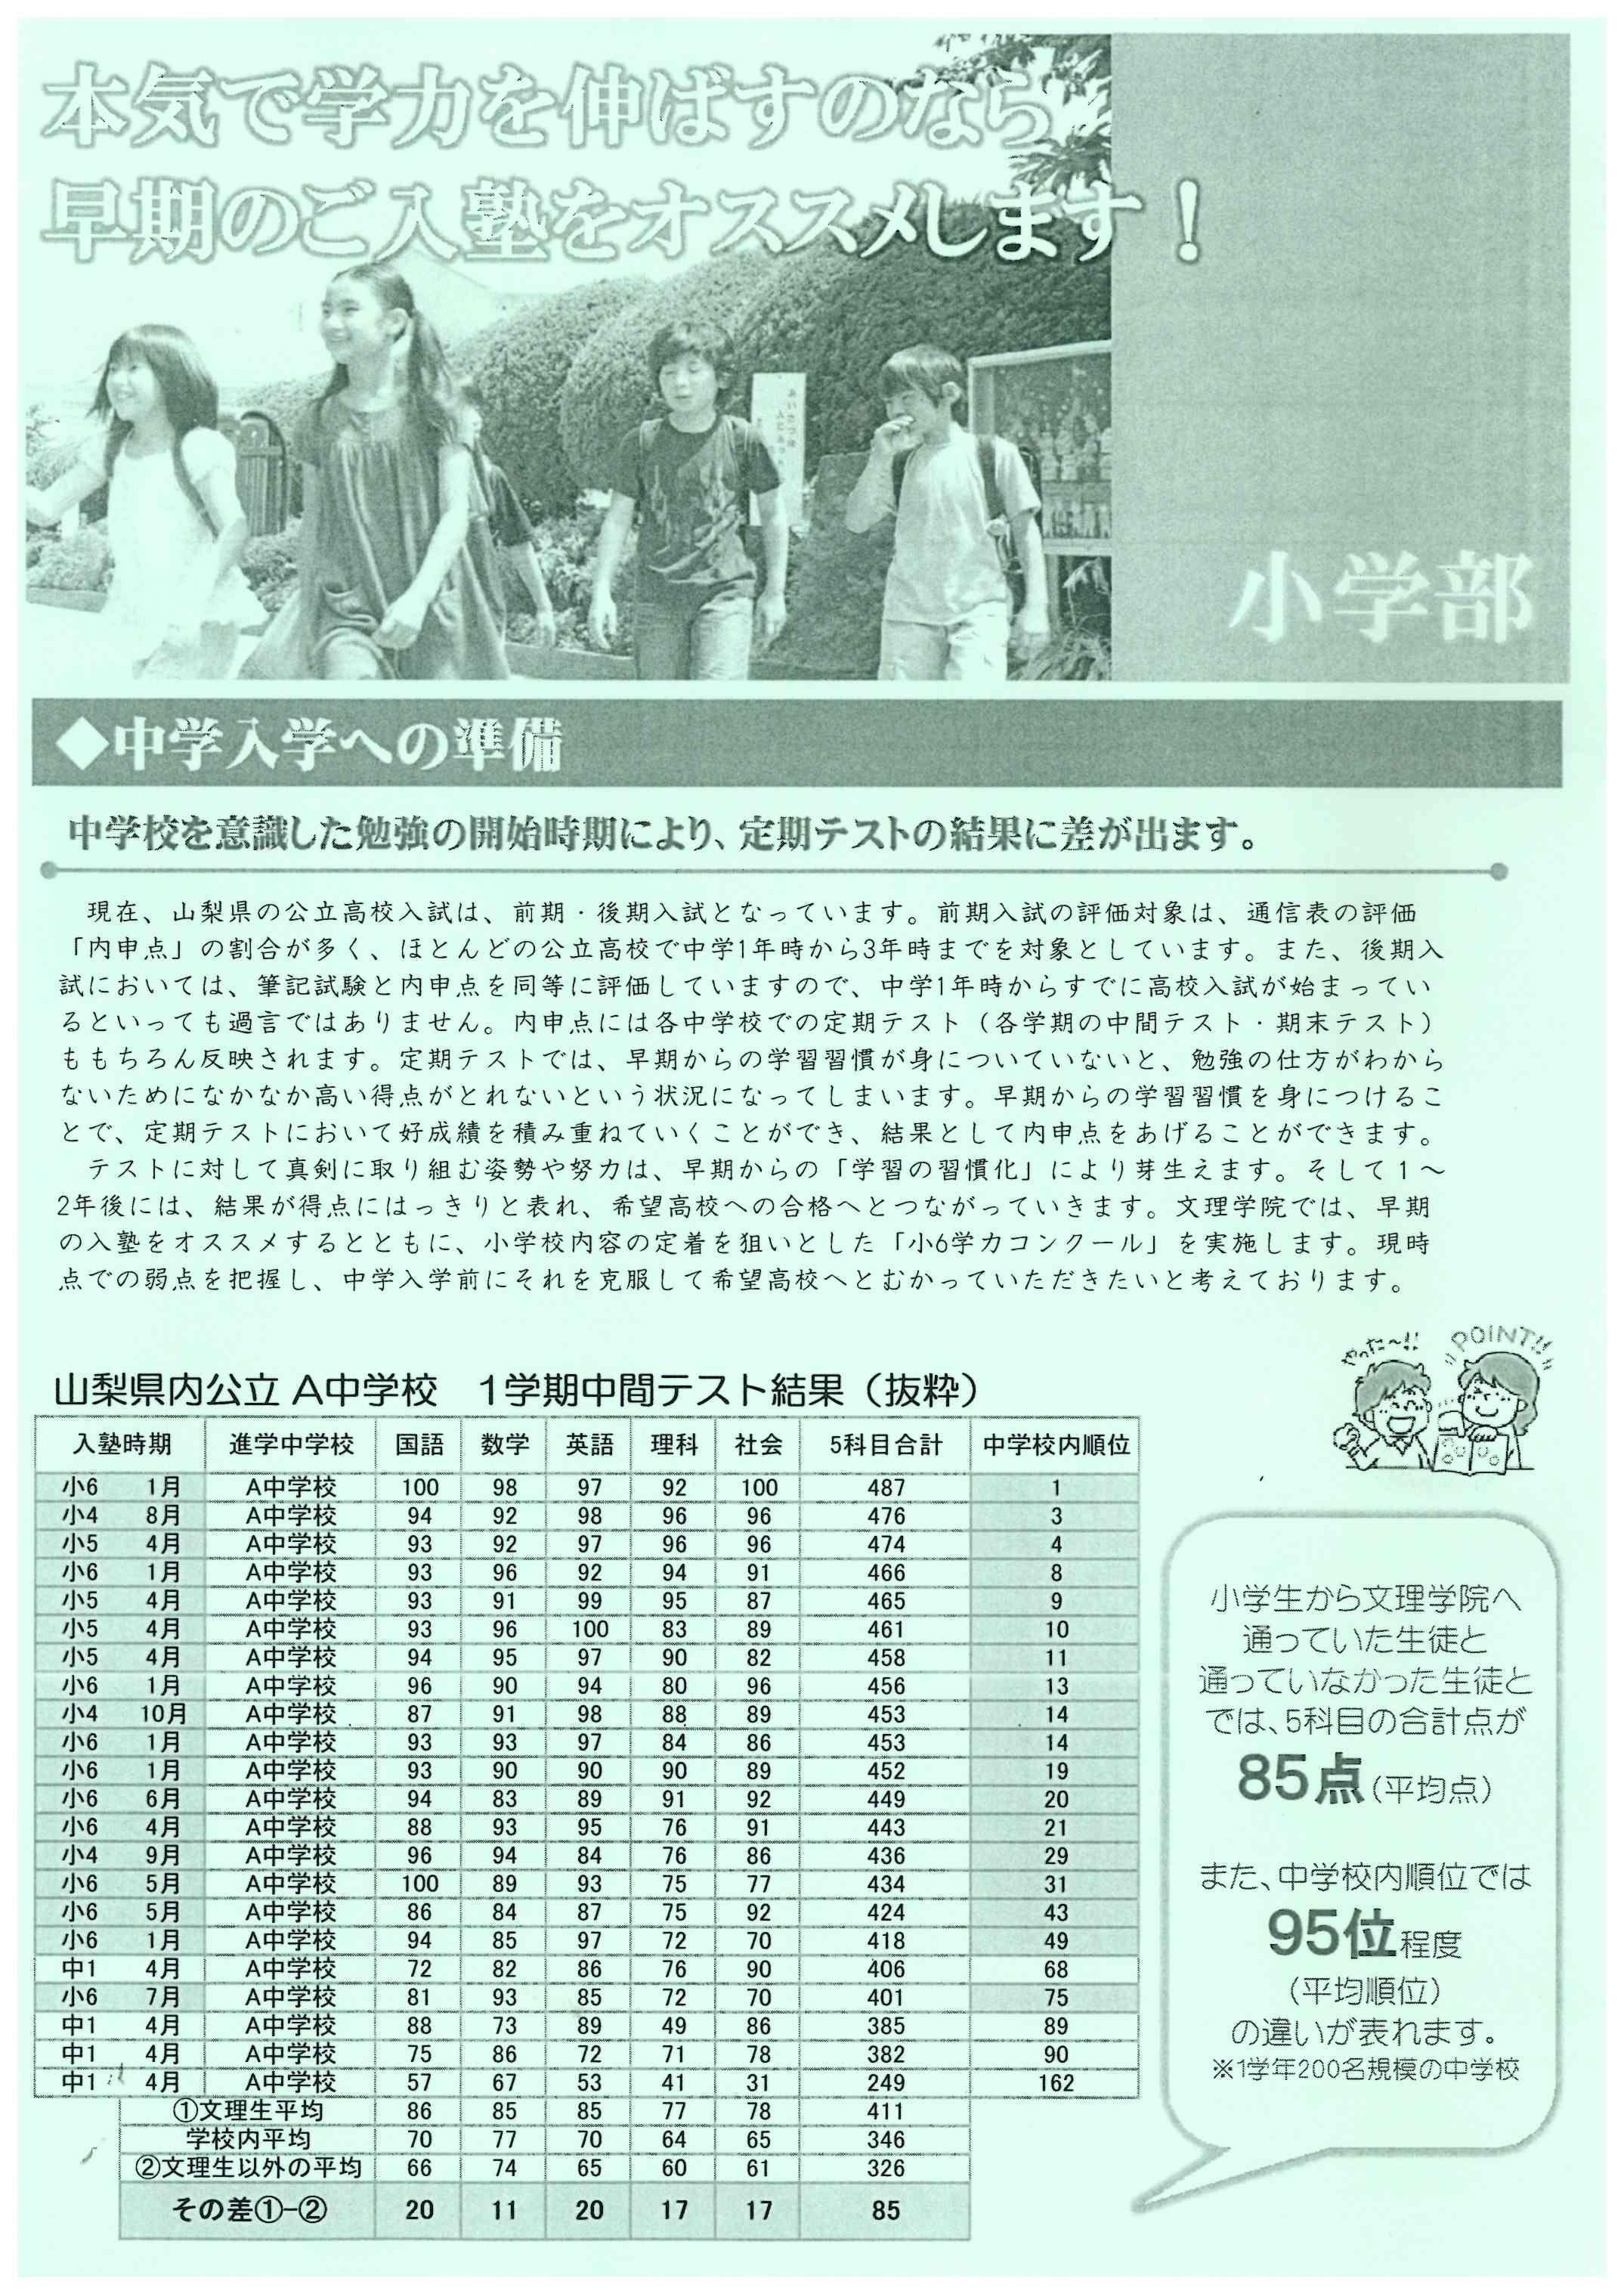 20161220 学力コンクール (3)